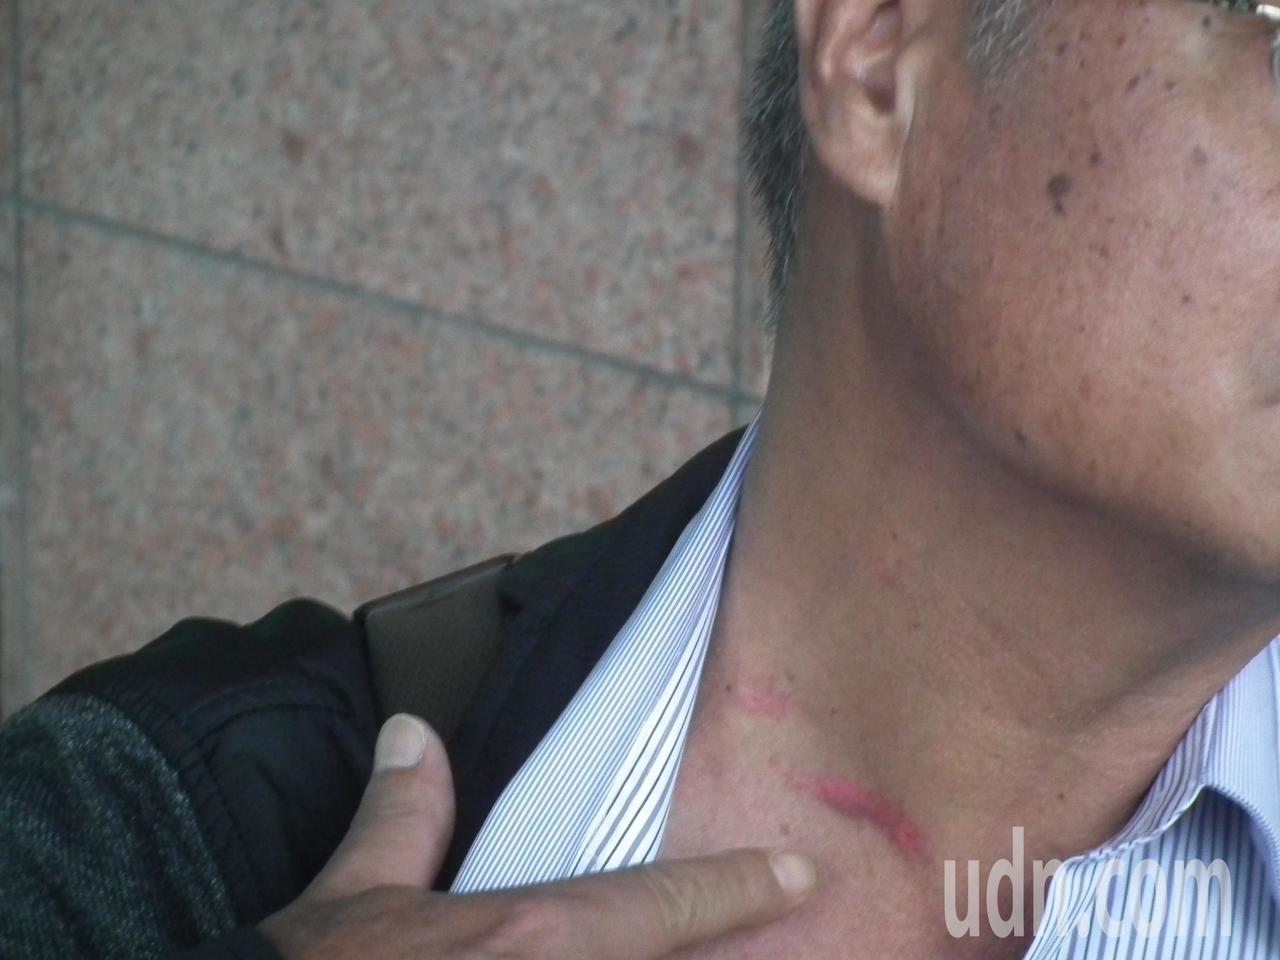 綠島鄉民代表陳建平手指脖子遭劃傷,破皮流血。記者尤聰光/攝影